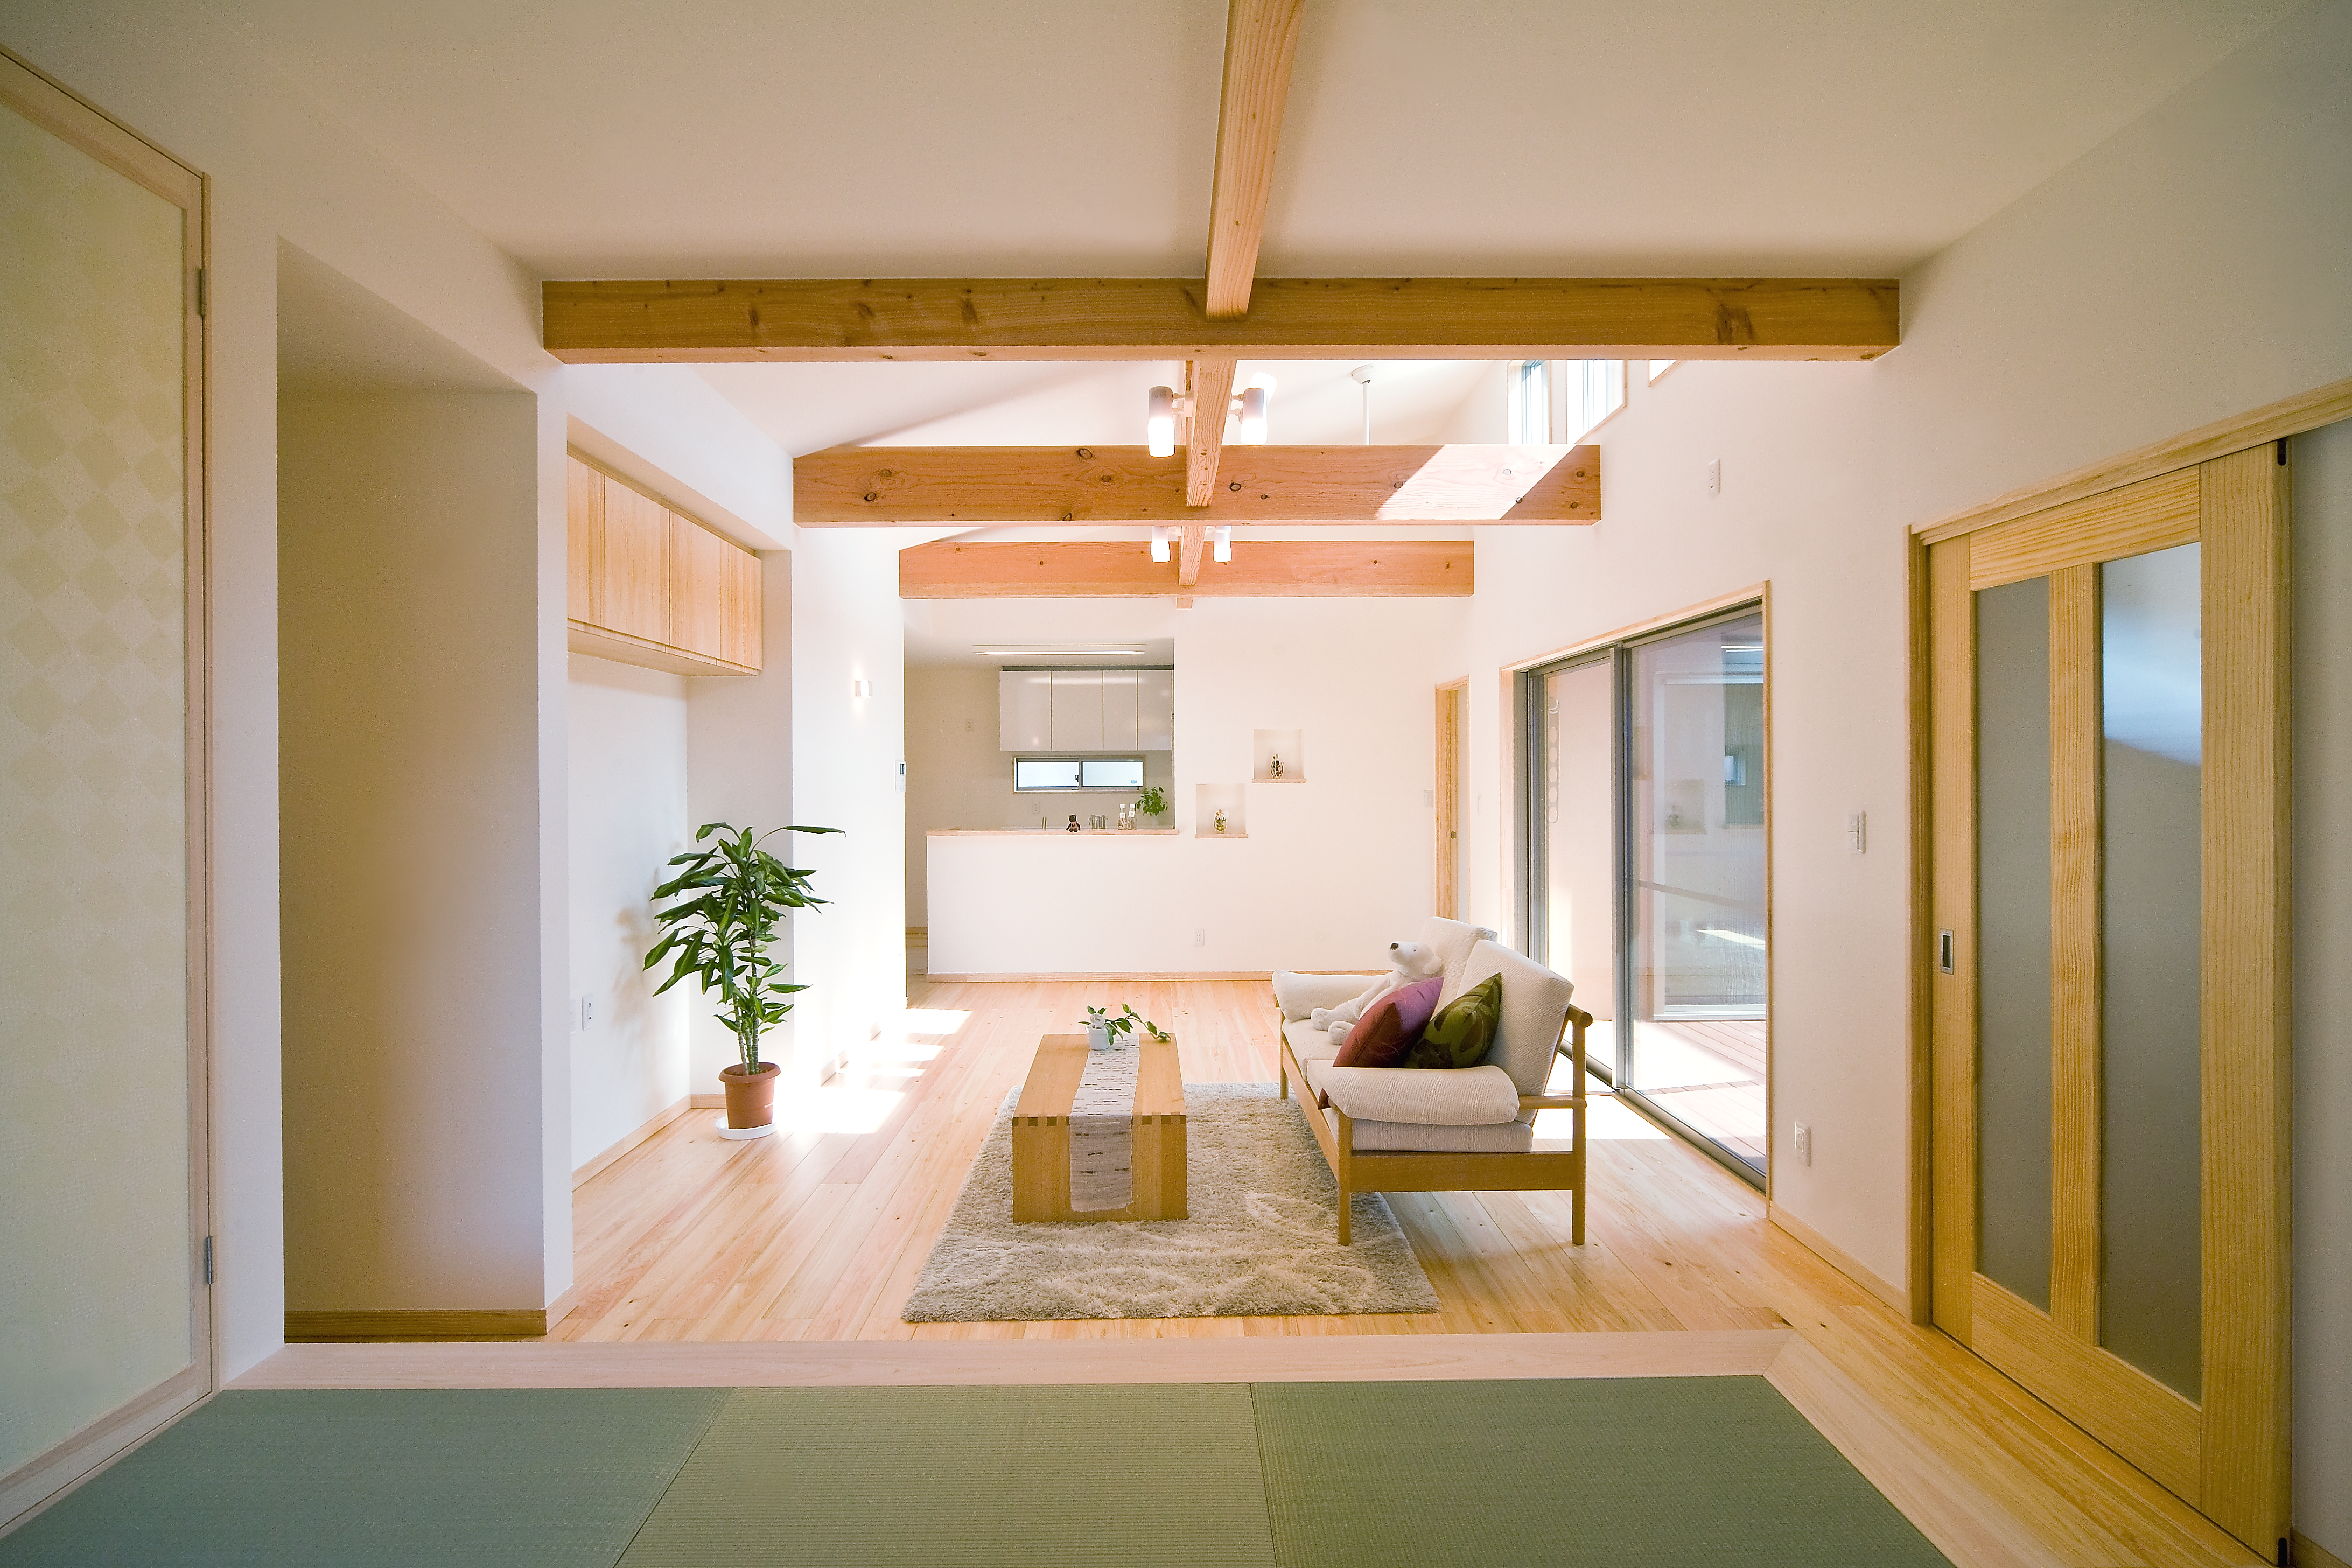 【富士市宮島】坪庭を眺める家完成見学会